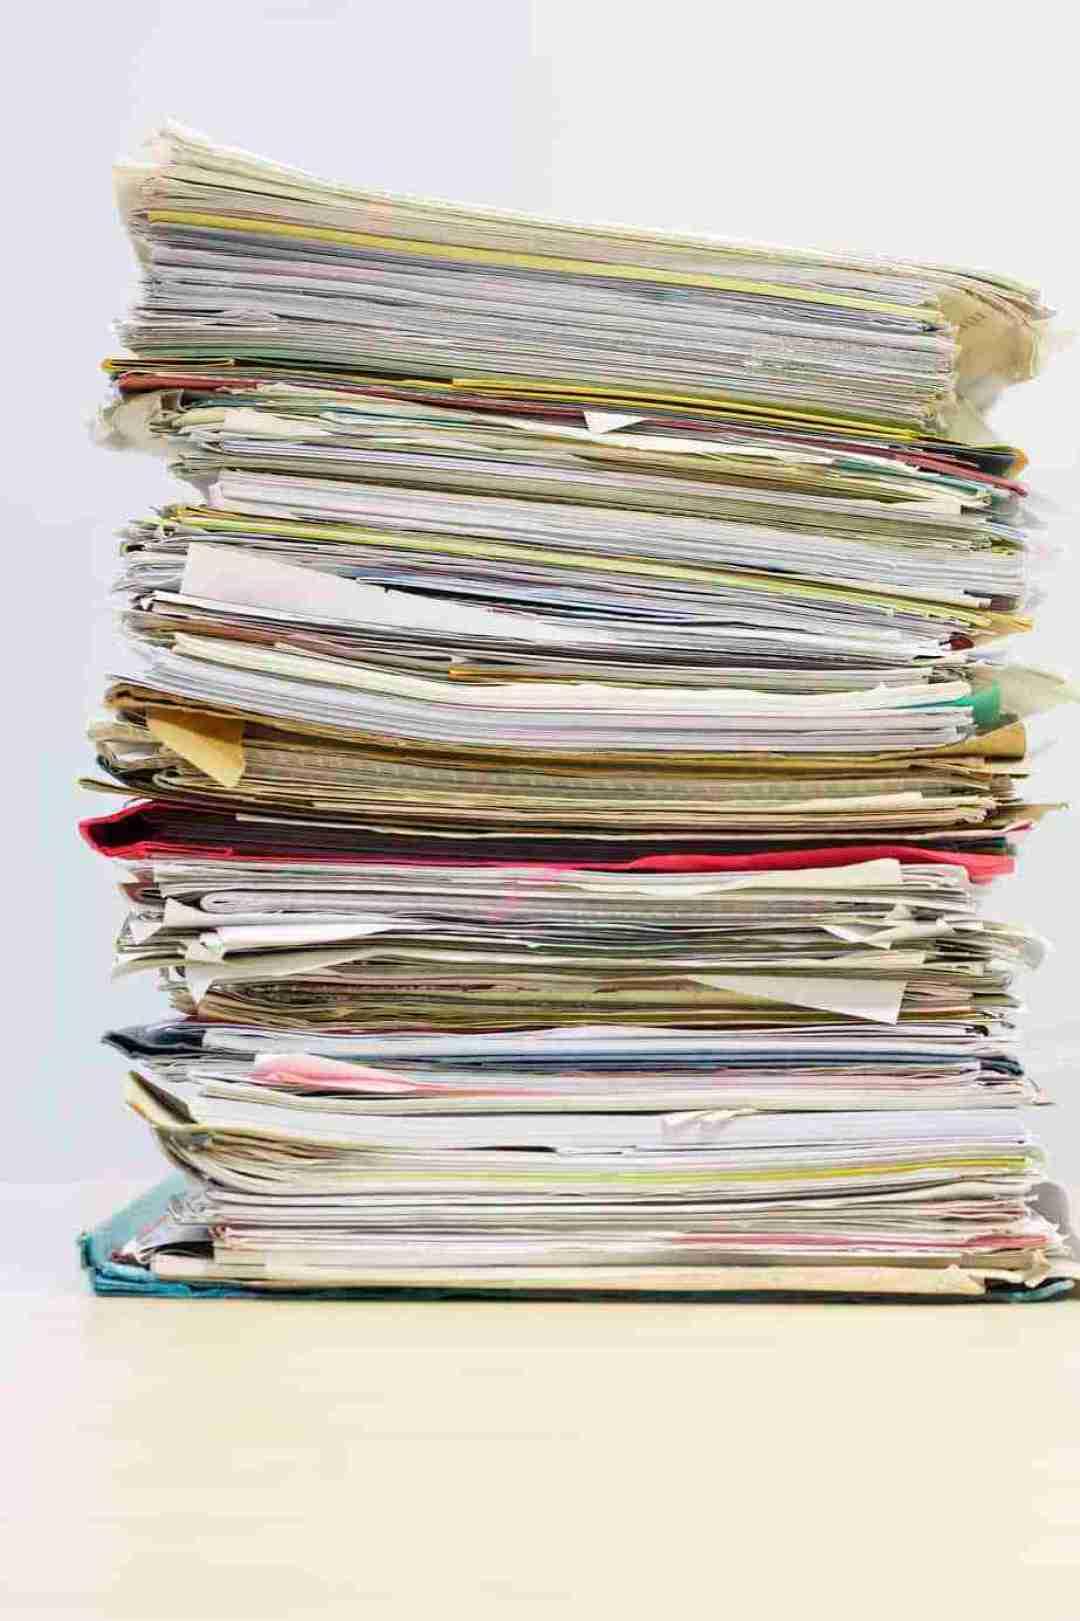 parent's medical documents